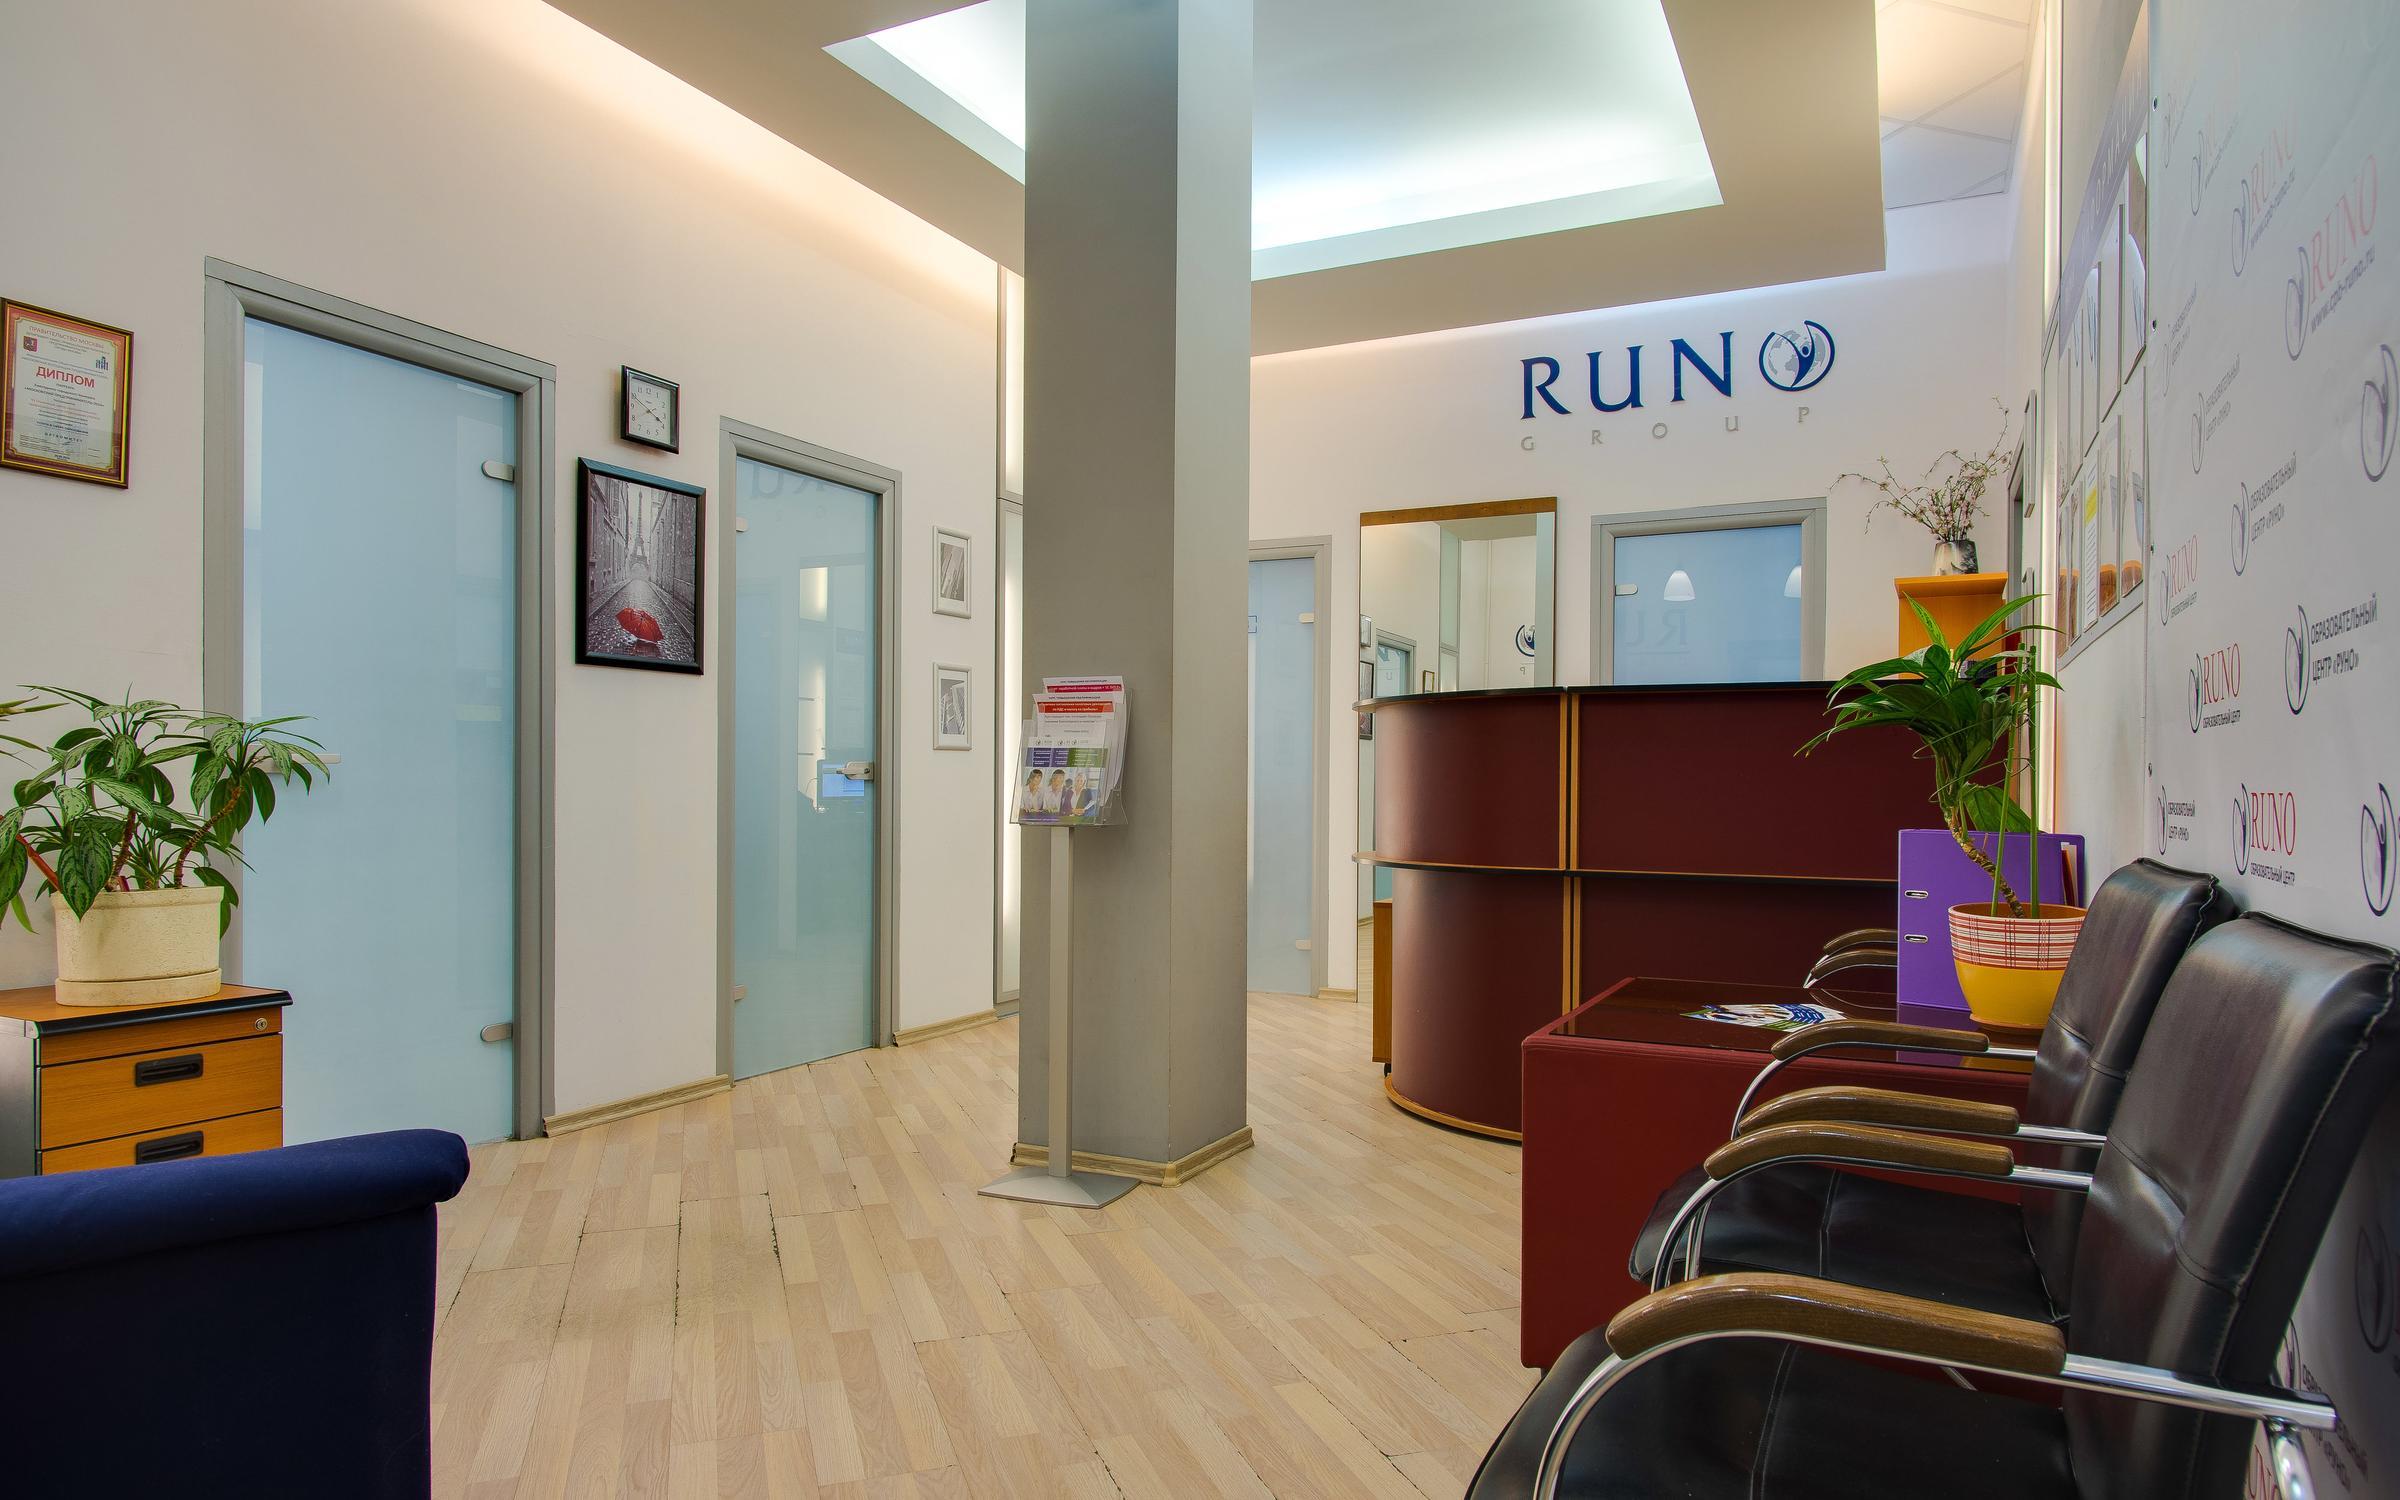 фотография Столичный образовательный центр РУНО на Волгоградском проспекте